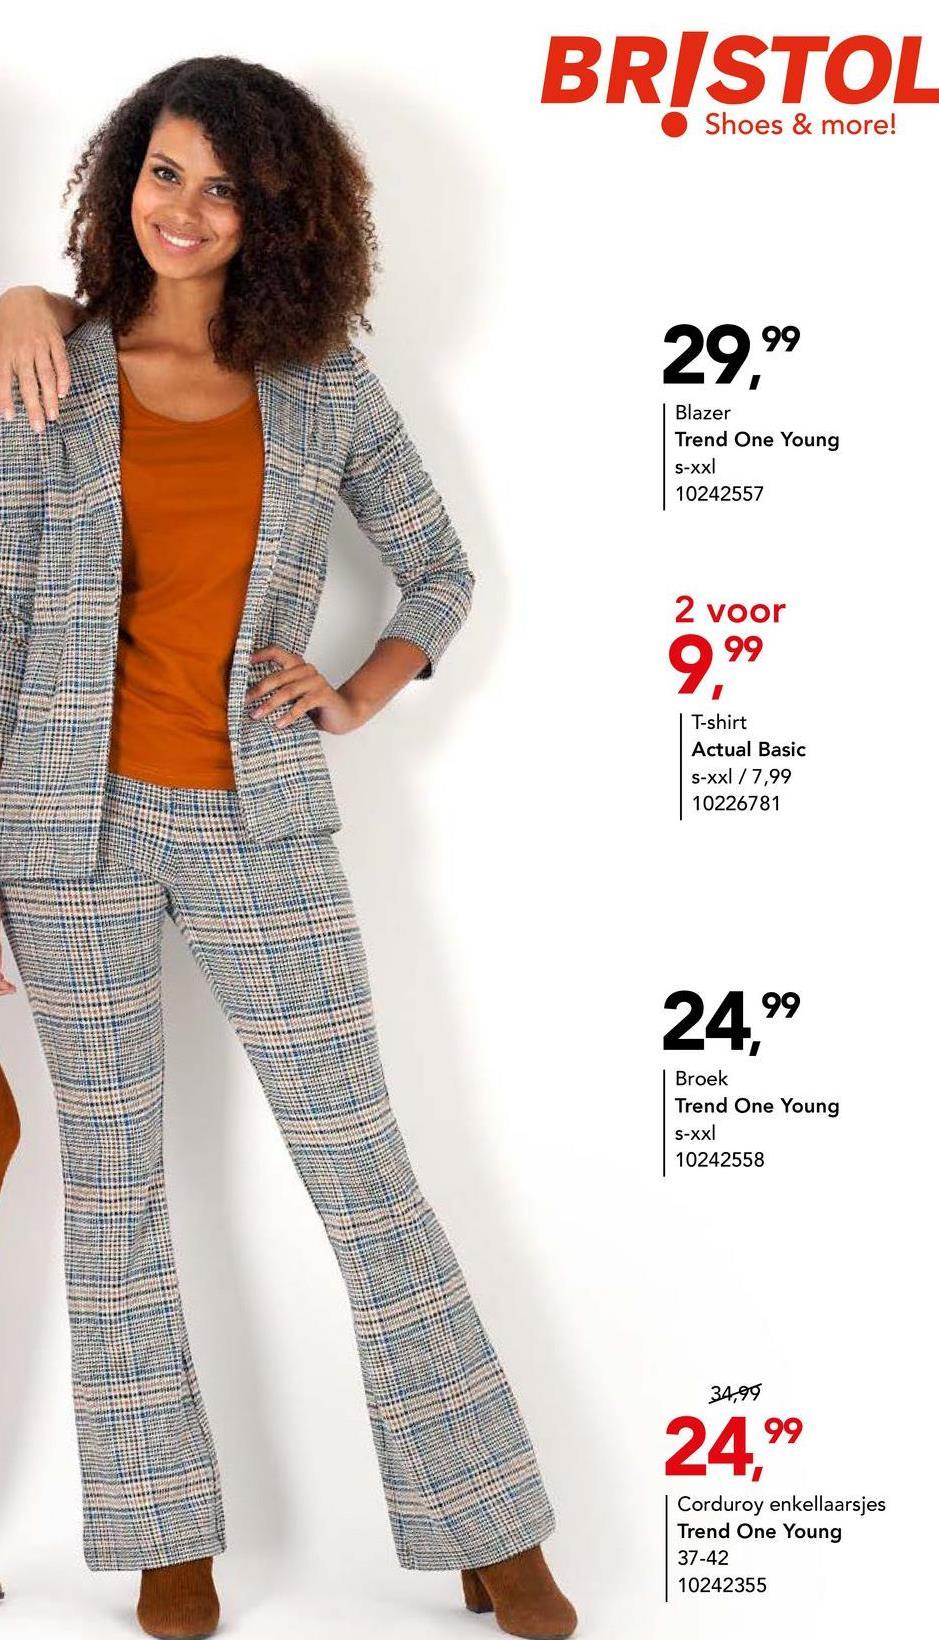 Blazer Trend One Young - Print Wij zijn helemaal fan van ruitjes! Jij ook? Shop dat meteen deze stijlvolle blazer met super trendy ruitjesprint. Combineer met de bijpassende broek of met je lievelingsjeans!